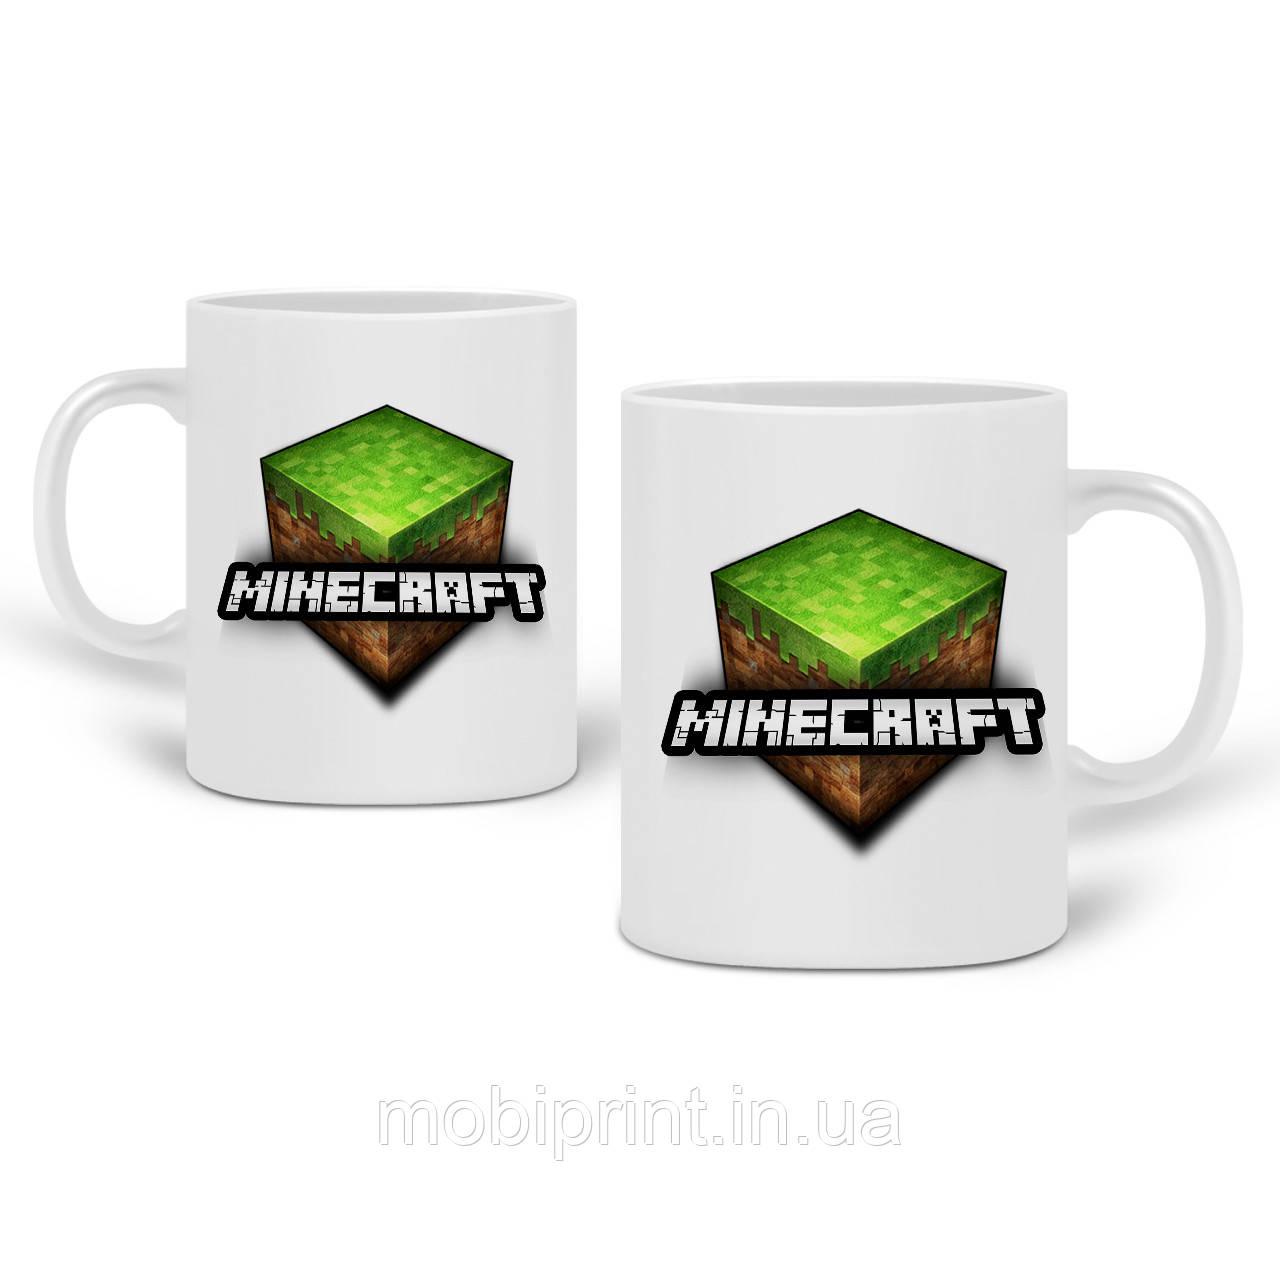 Кружка Майнкрафт (Minecraft) 330 мл Чашка Керамическая (20259-1174)